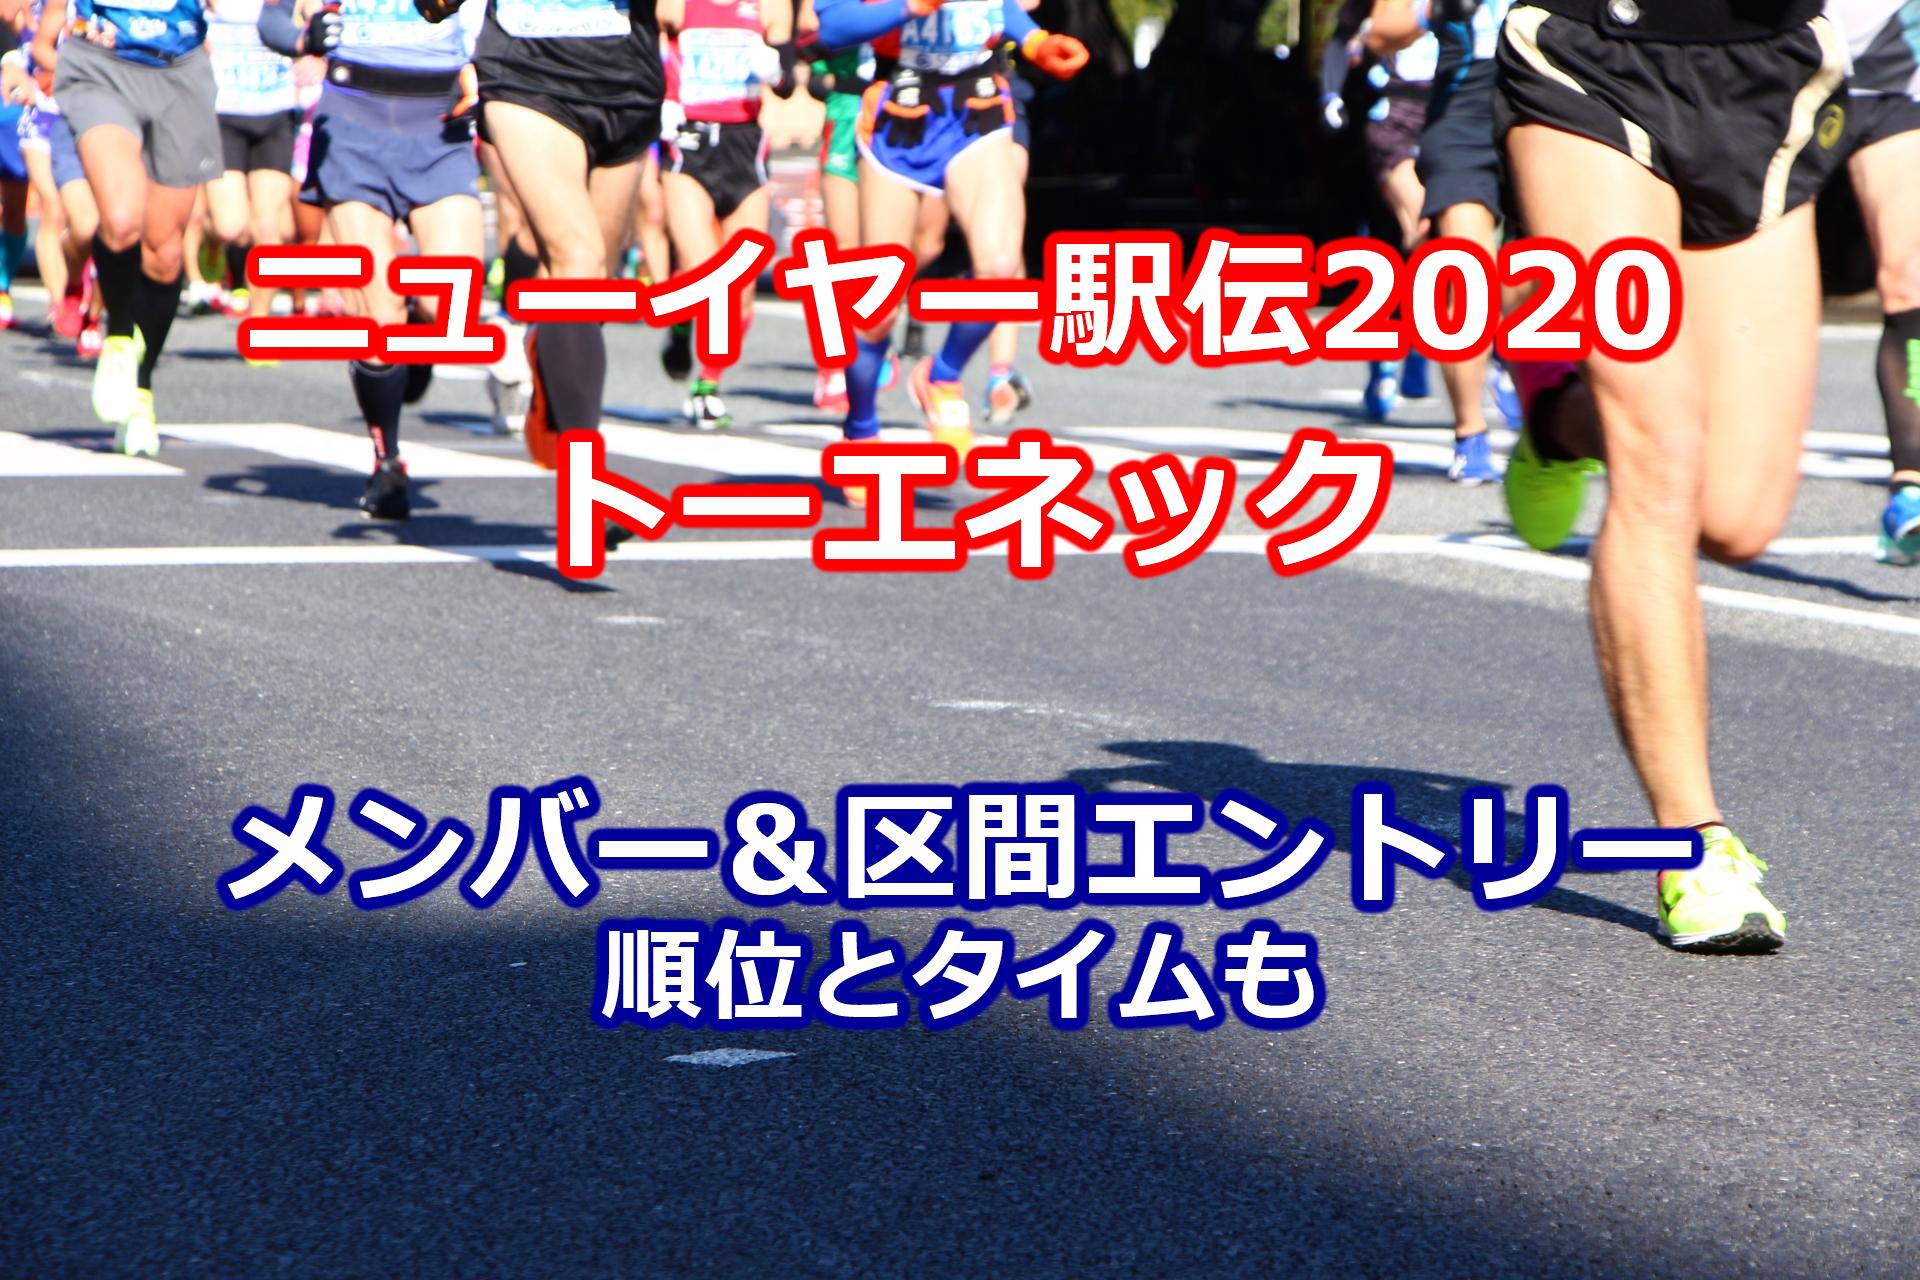 ニューイヤー駅伝2020トーエネックメンバー・区間エントリー・結果・順位・タイムまとめ